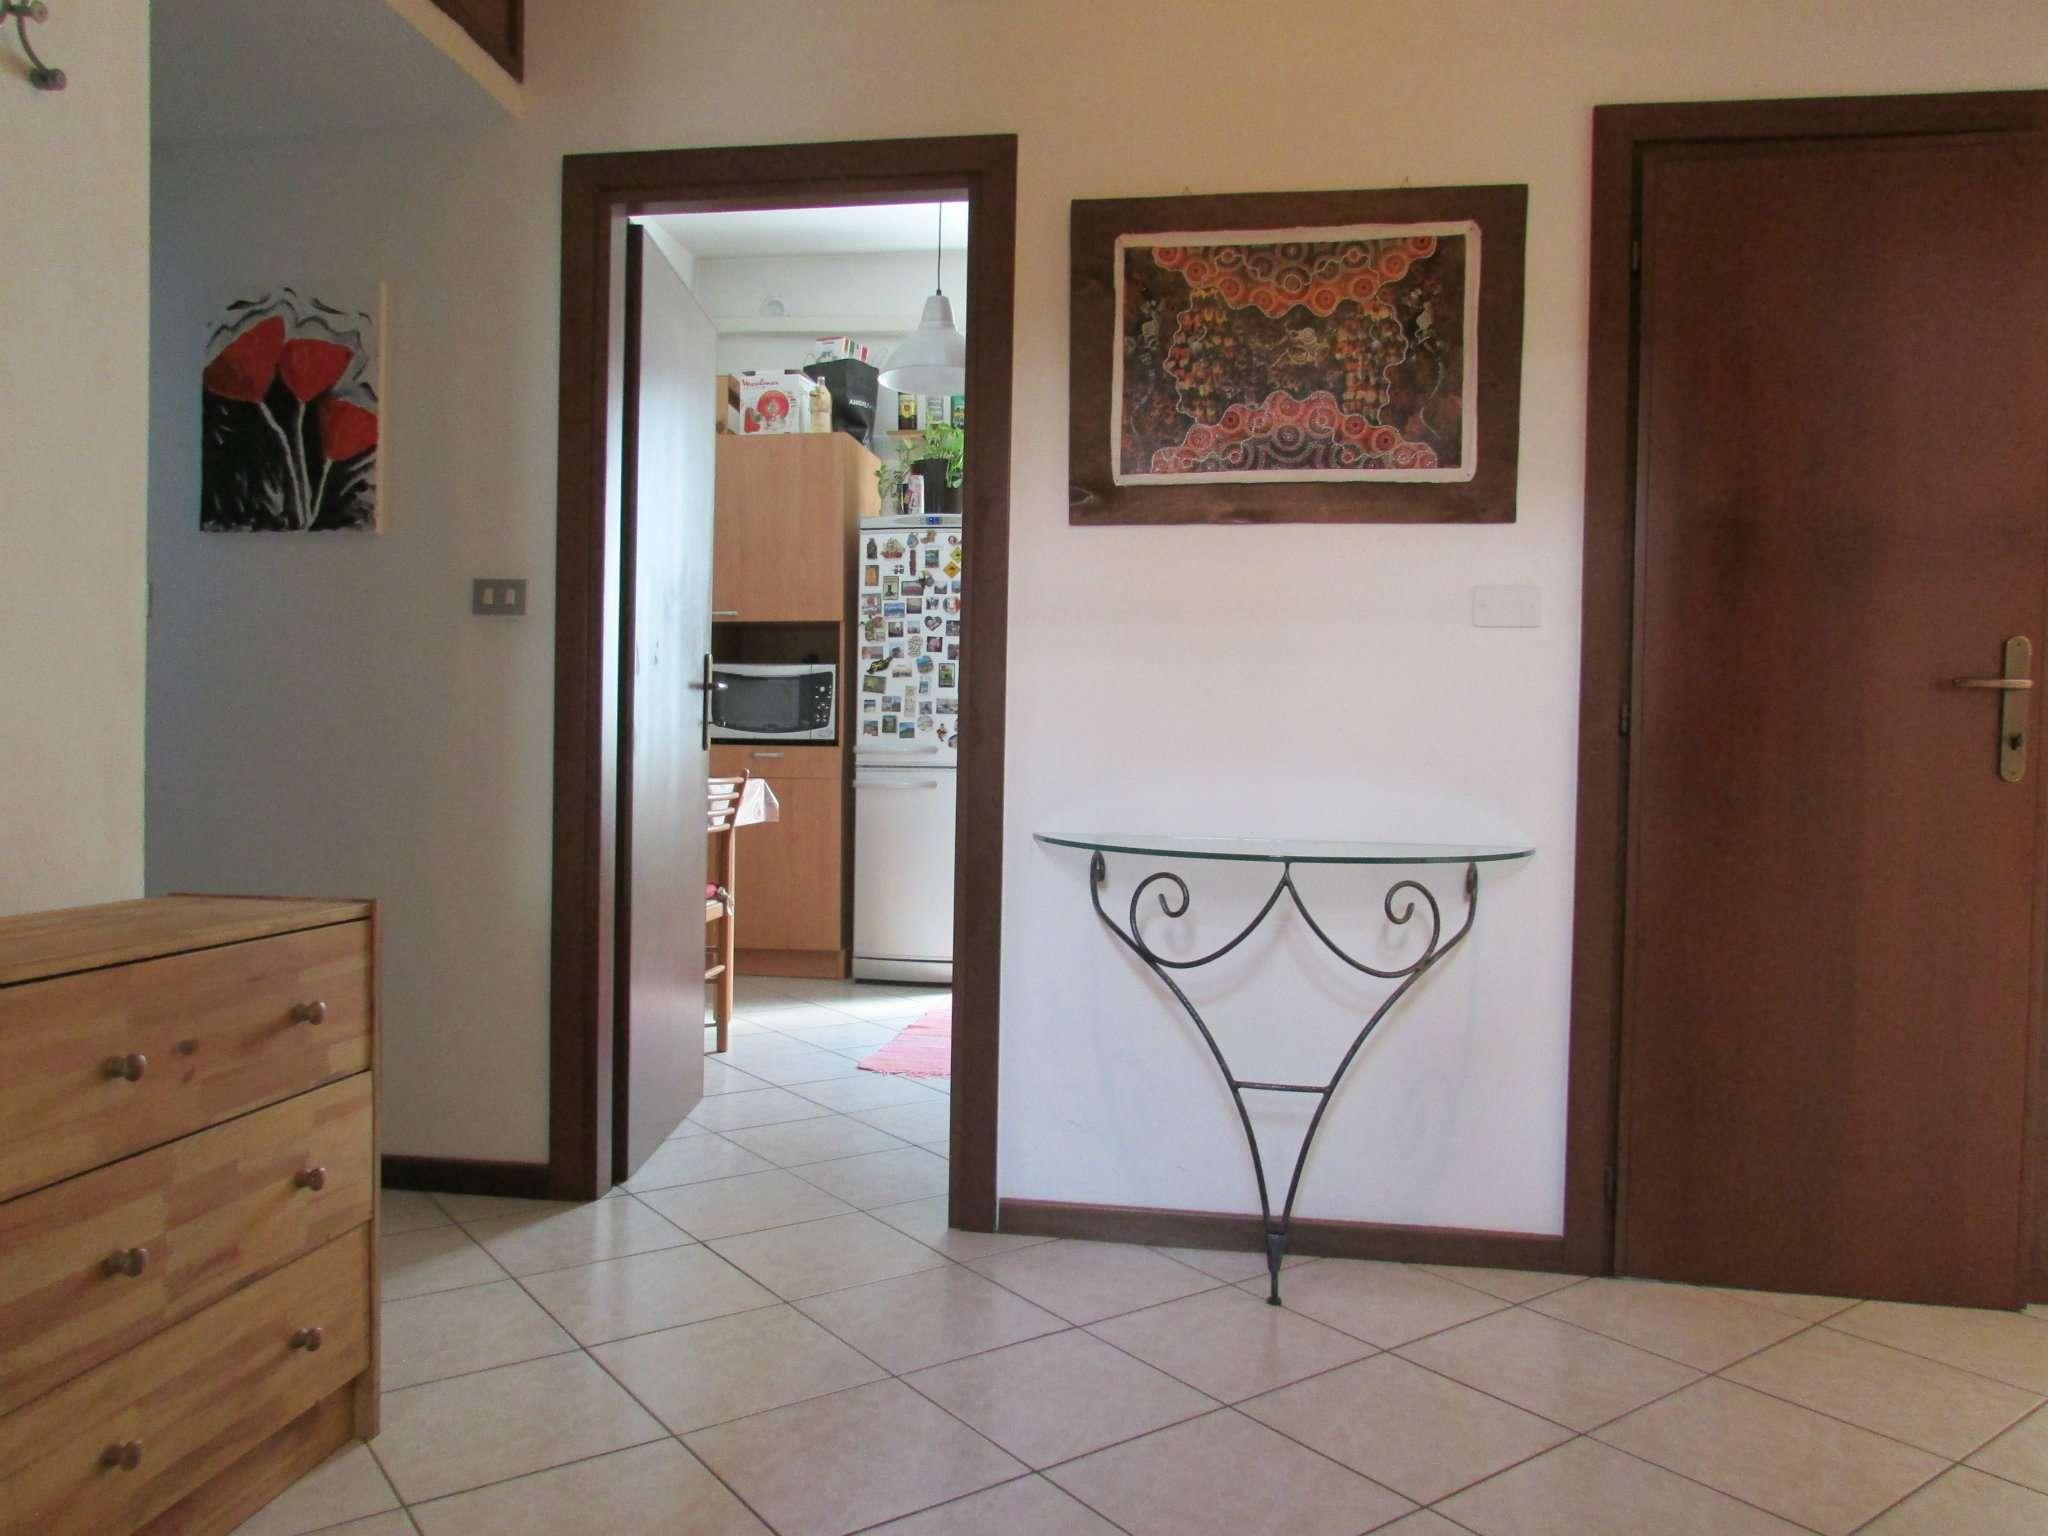 Appartamento in vendita a Milano, 2 locali, zona Zona: 3 . Bicocca, Greco, Monza, Palmanova, Padova, prezzo € 175.000 | Cambio Casa.it